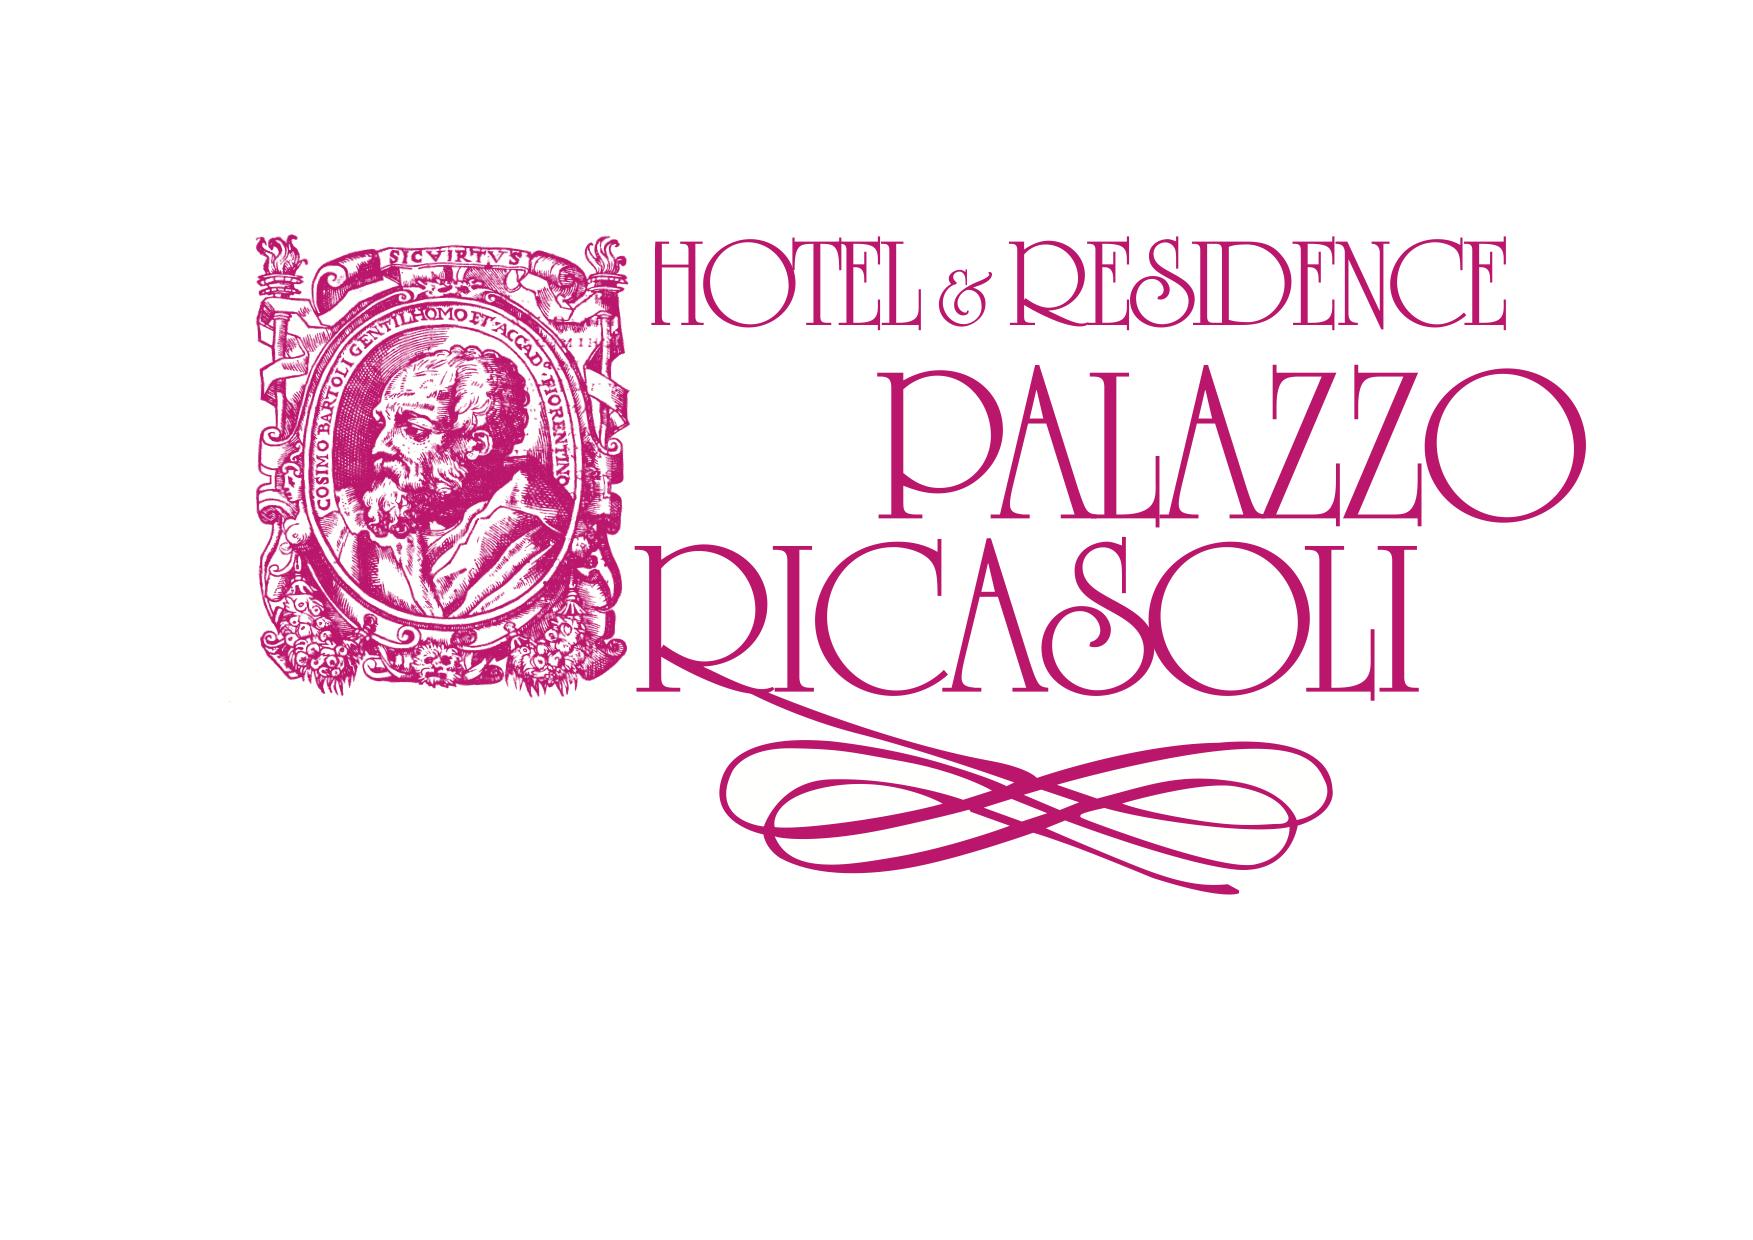 호텔 팔라쪼 리카솔리